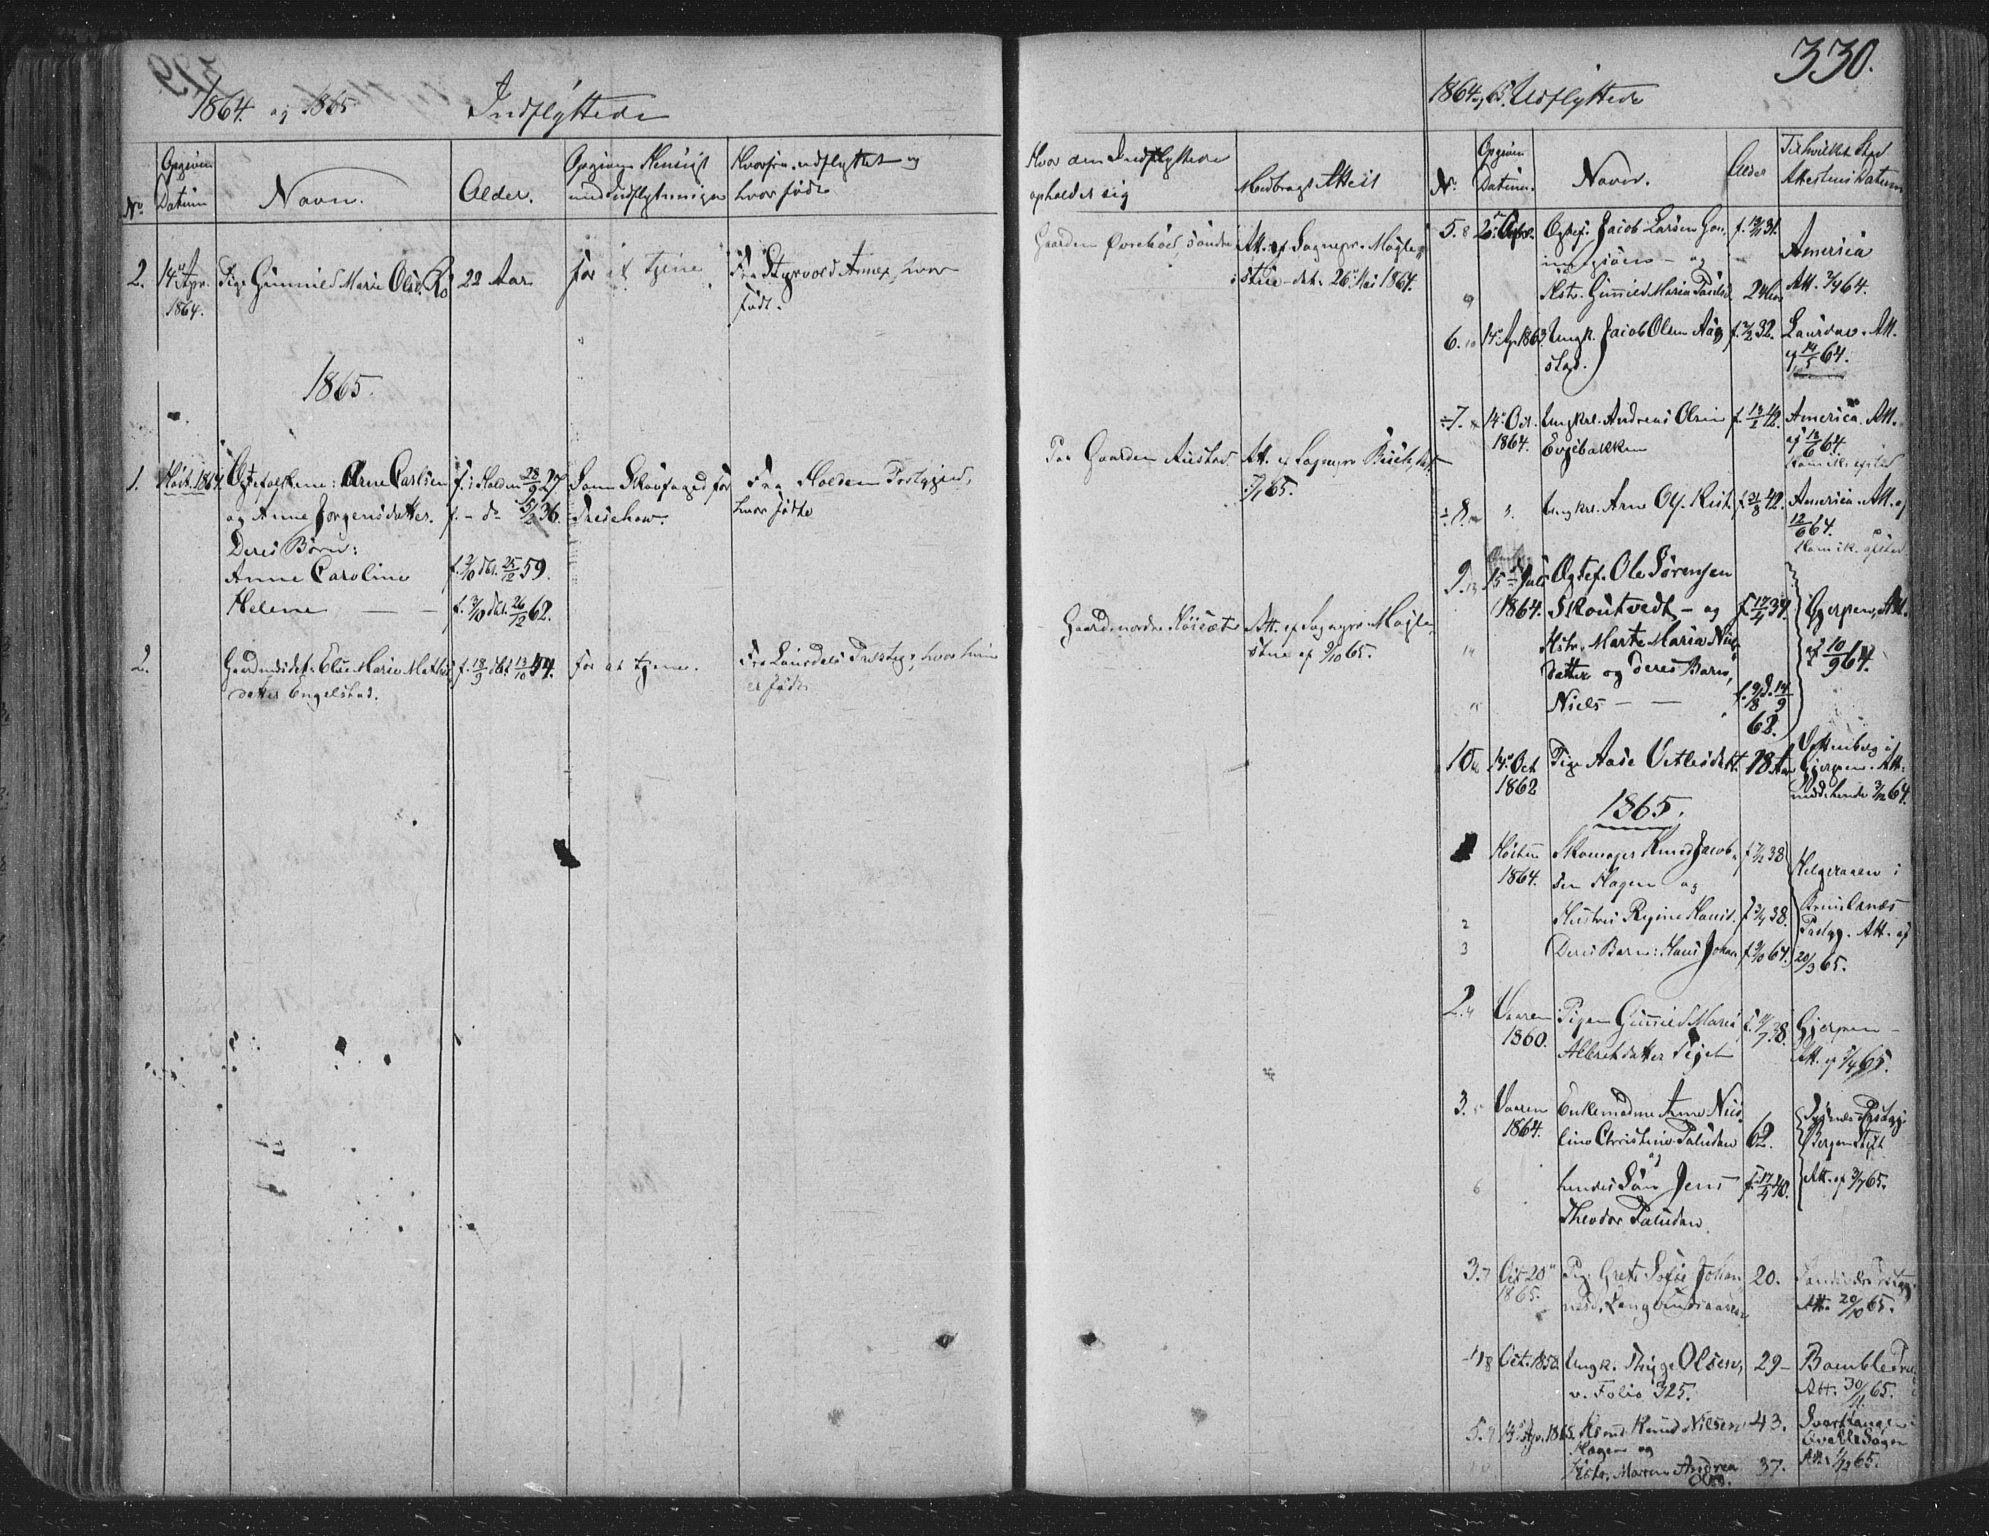 SAKO, Siljan kirkebøker, F/Fa/L0001: Ministerialbok nr. 1, 1831-1870, s. 330